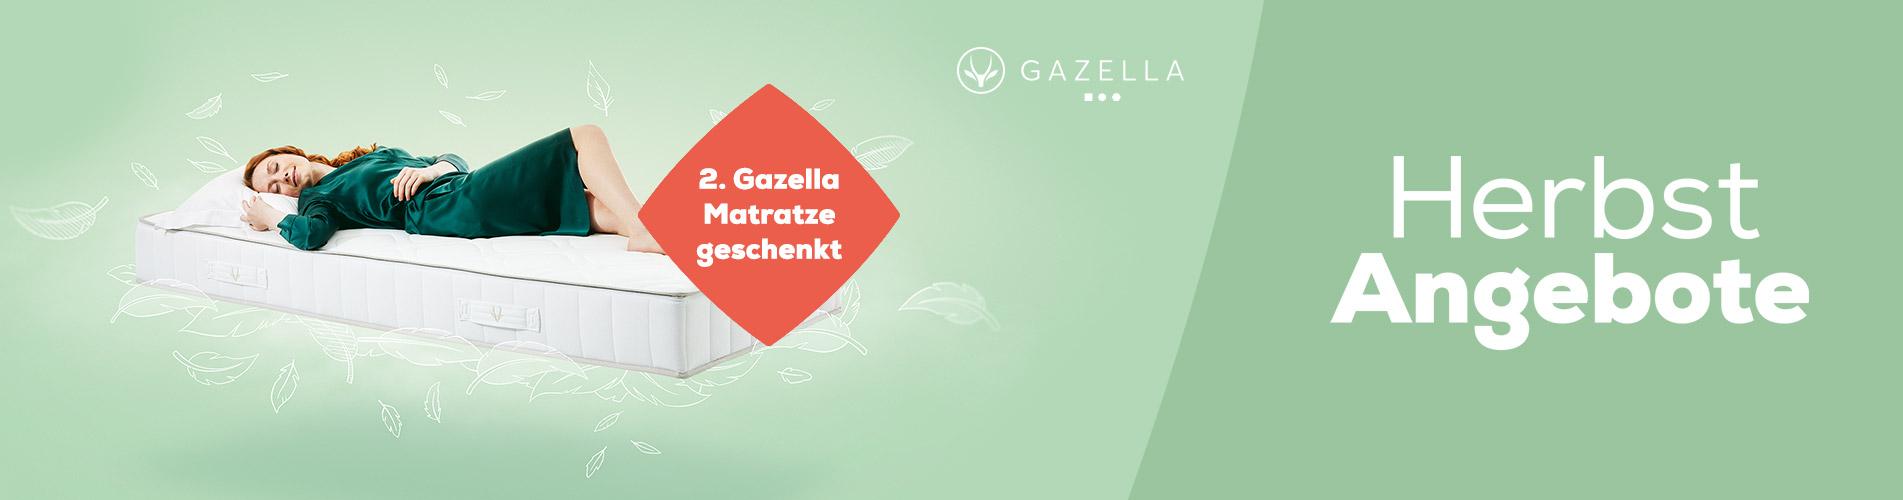 Gazella Matratzen 2. Matratze Geschenkt - Herbst Angebote | Swiss Sense